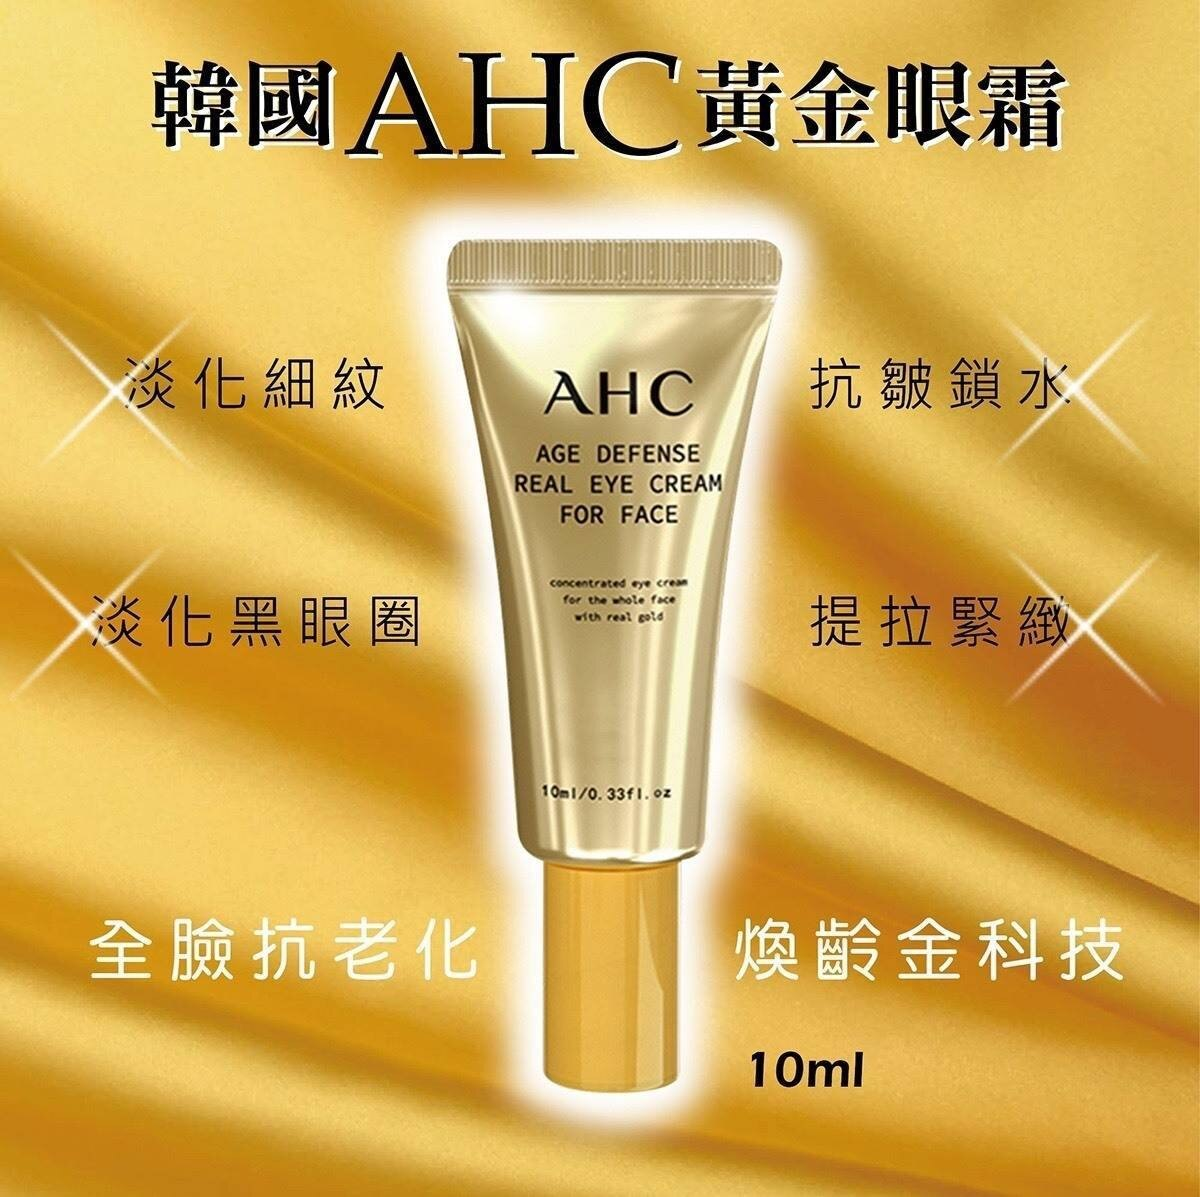 韓國AHC 金熨斗特別版眼雙霜/AHC黃金眼霜 10ml [FIFI SHOP]